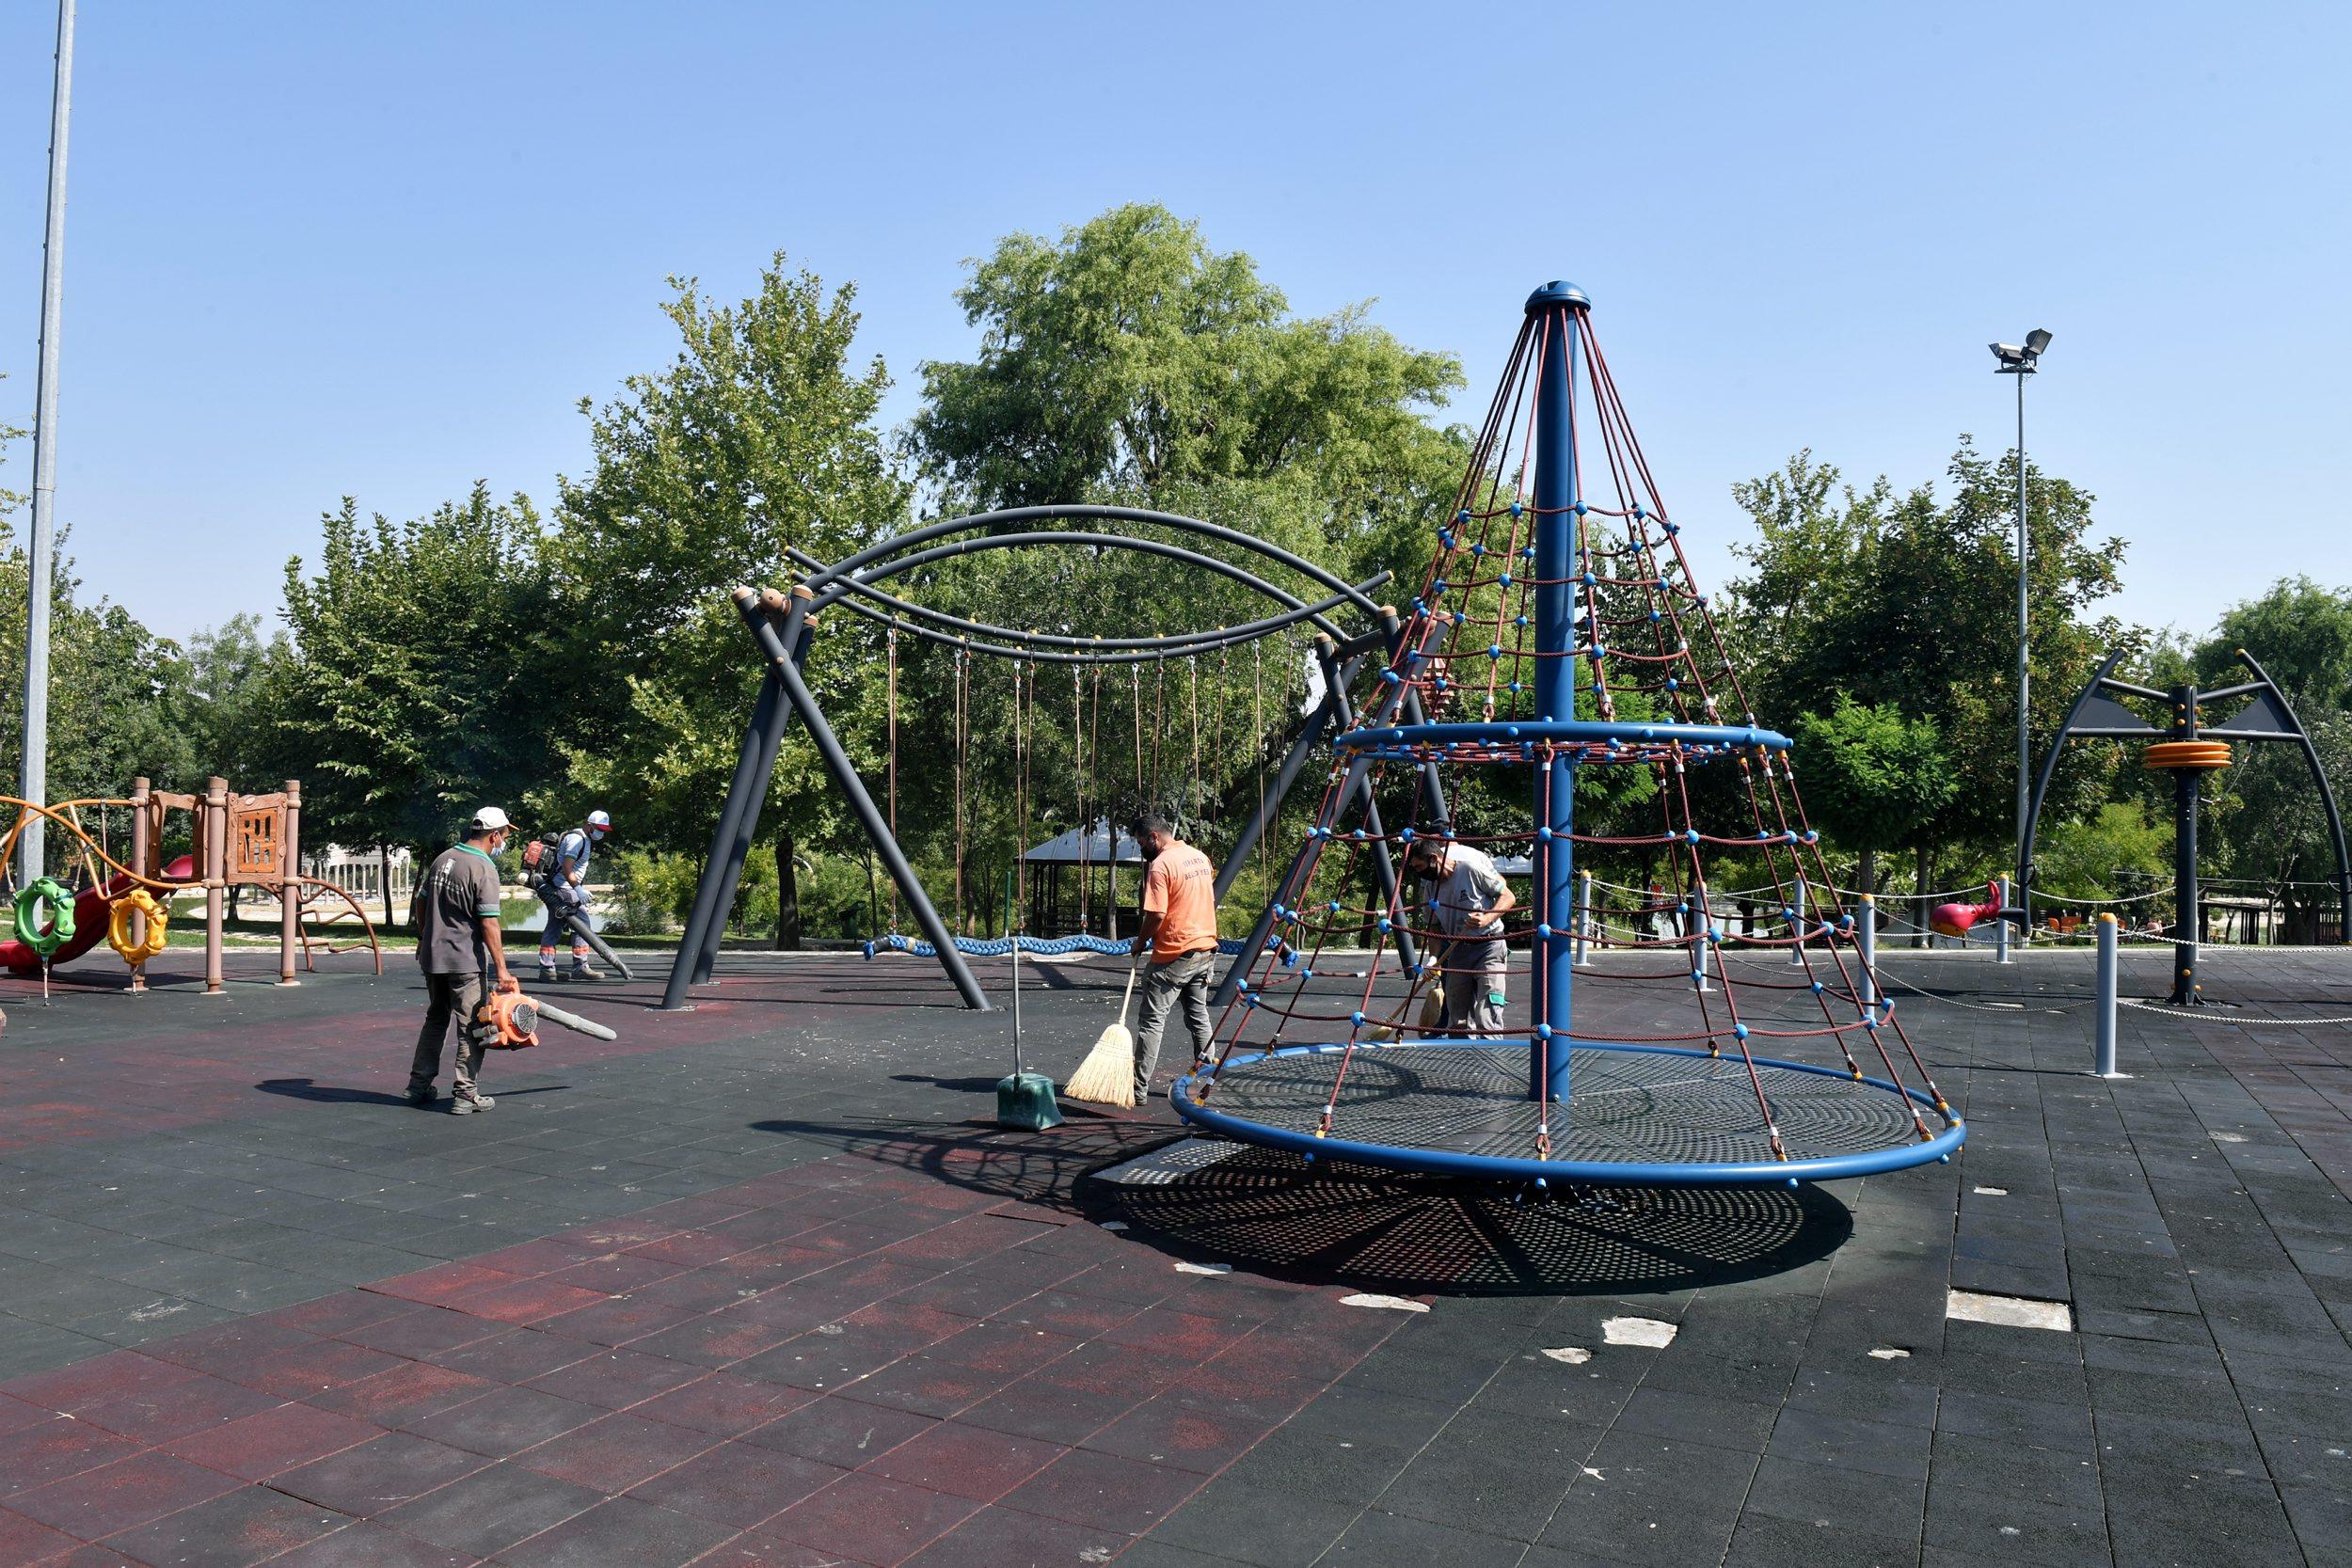 27-08-2021-park-dezenfeksiyon-3